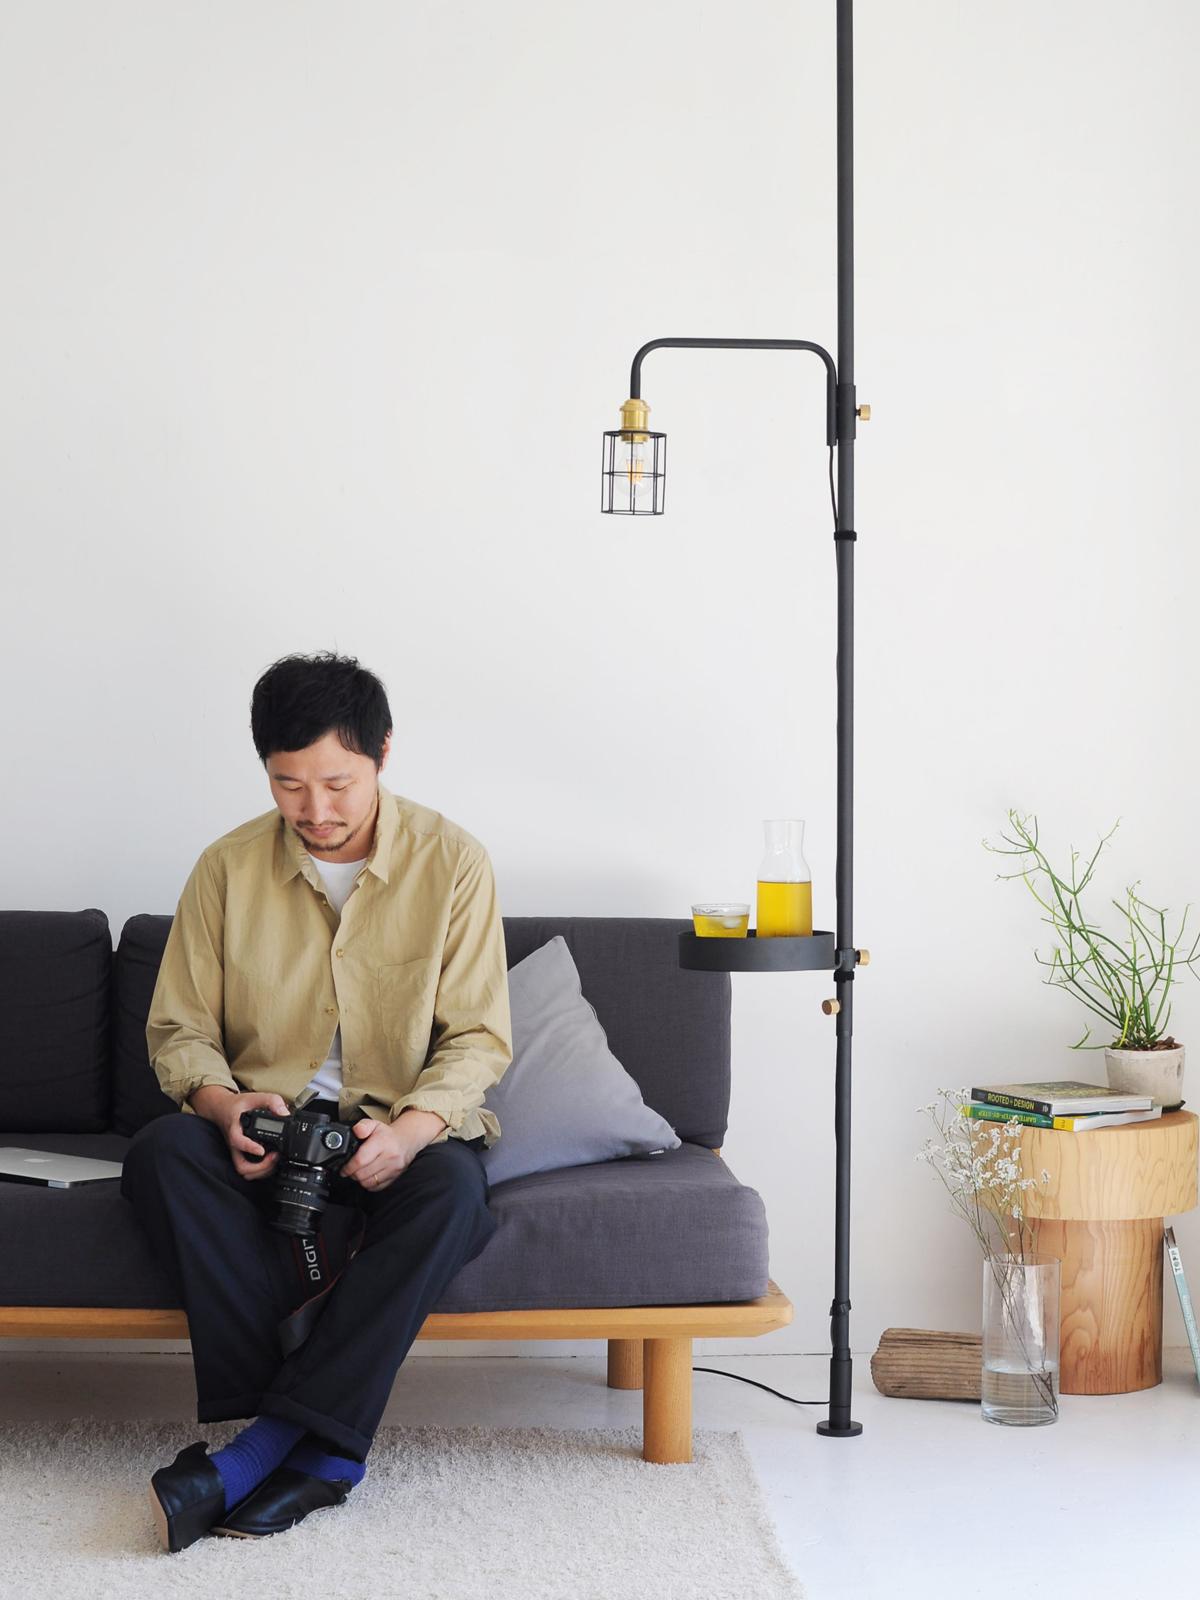 好きな場所にあっという間に簡単に設置できる、照明とテーブルがセットできる「つっぱり棒」|DRAW A LINE ランプシリーズ